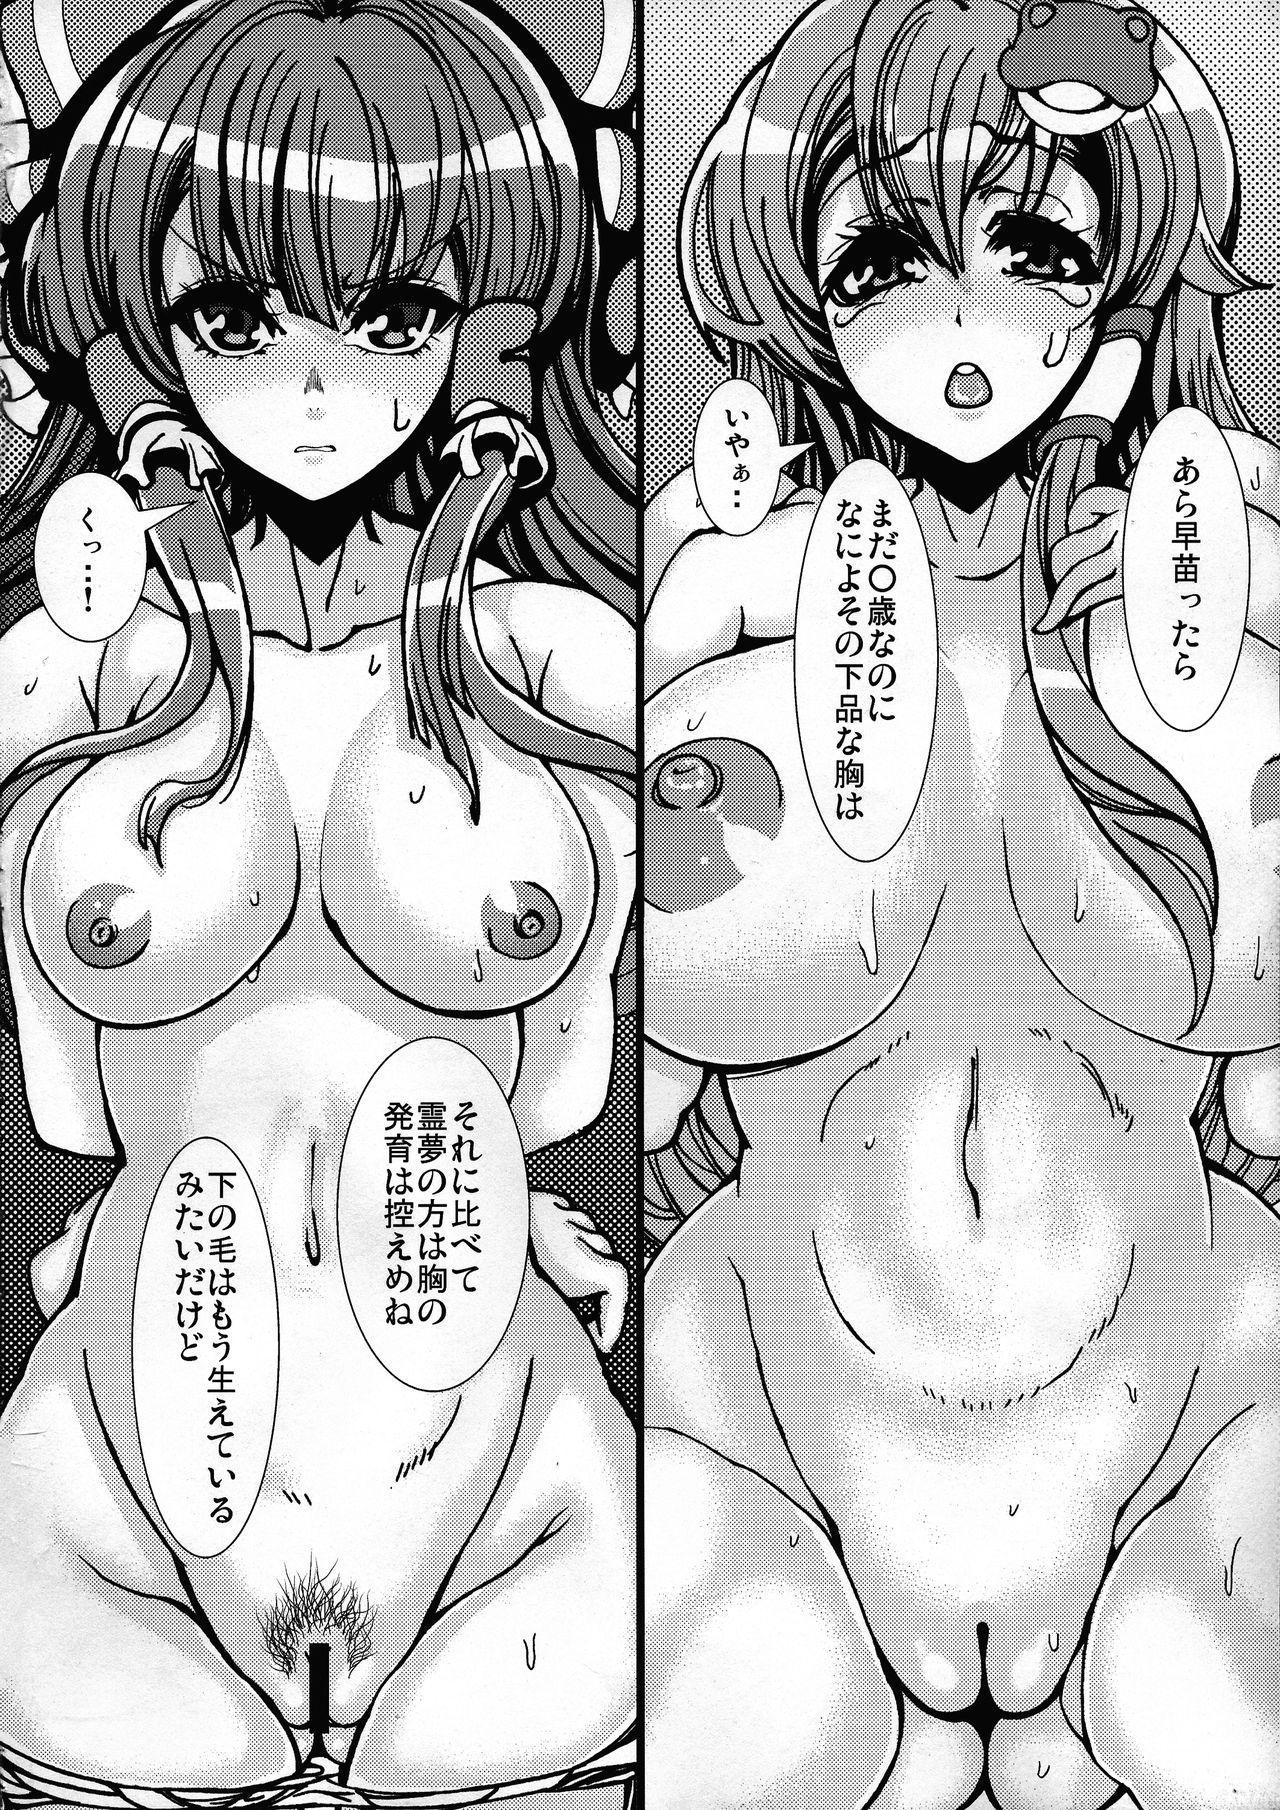 Sanae to Reimu ga Shokushu ni Sugoi Koto sarechau Hon 3